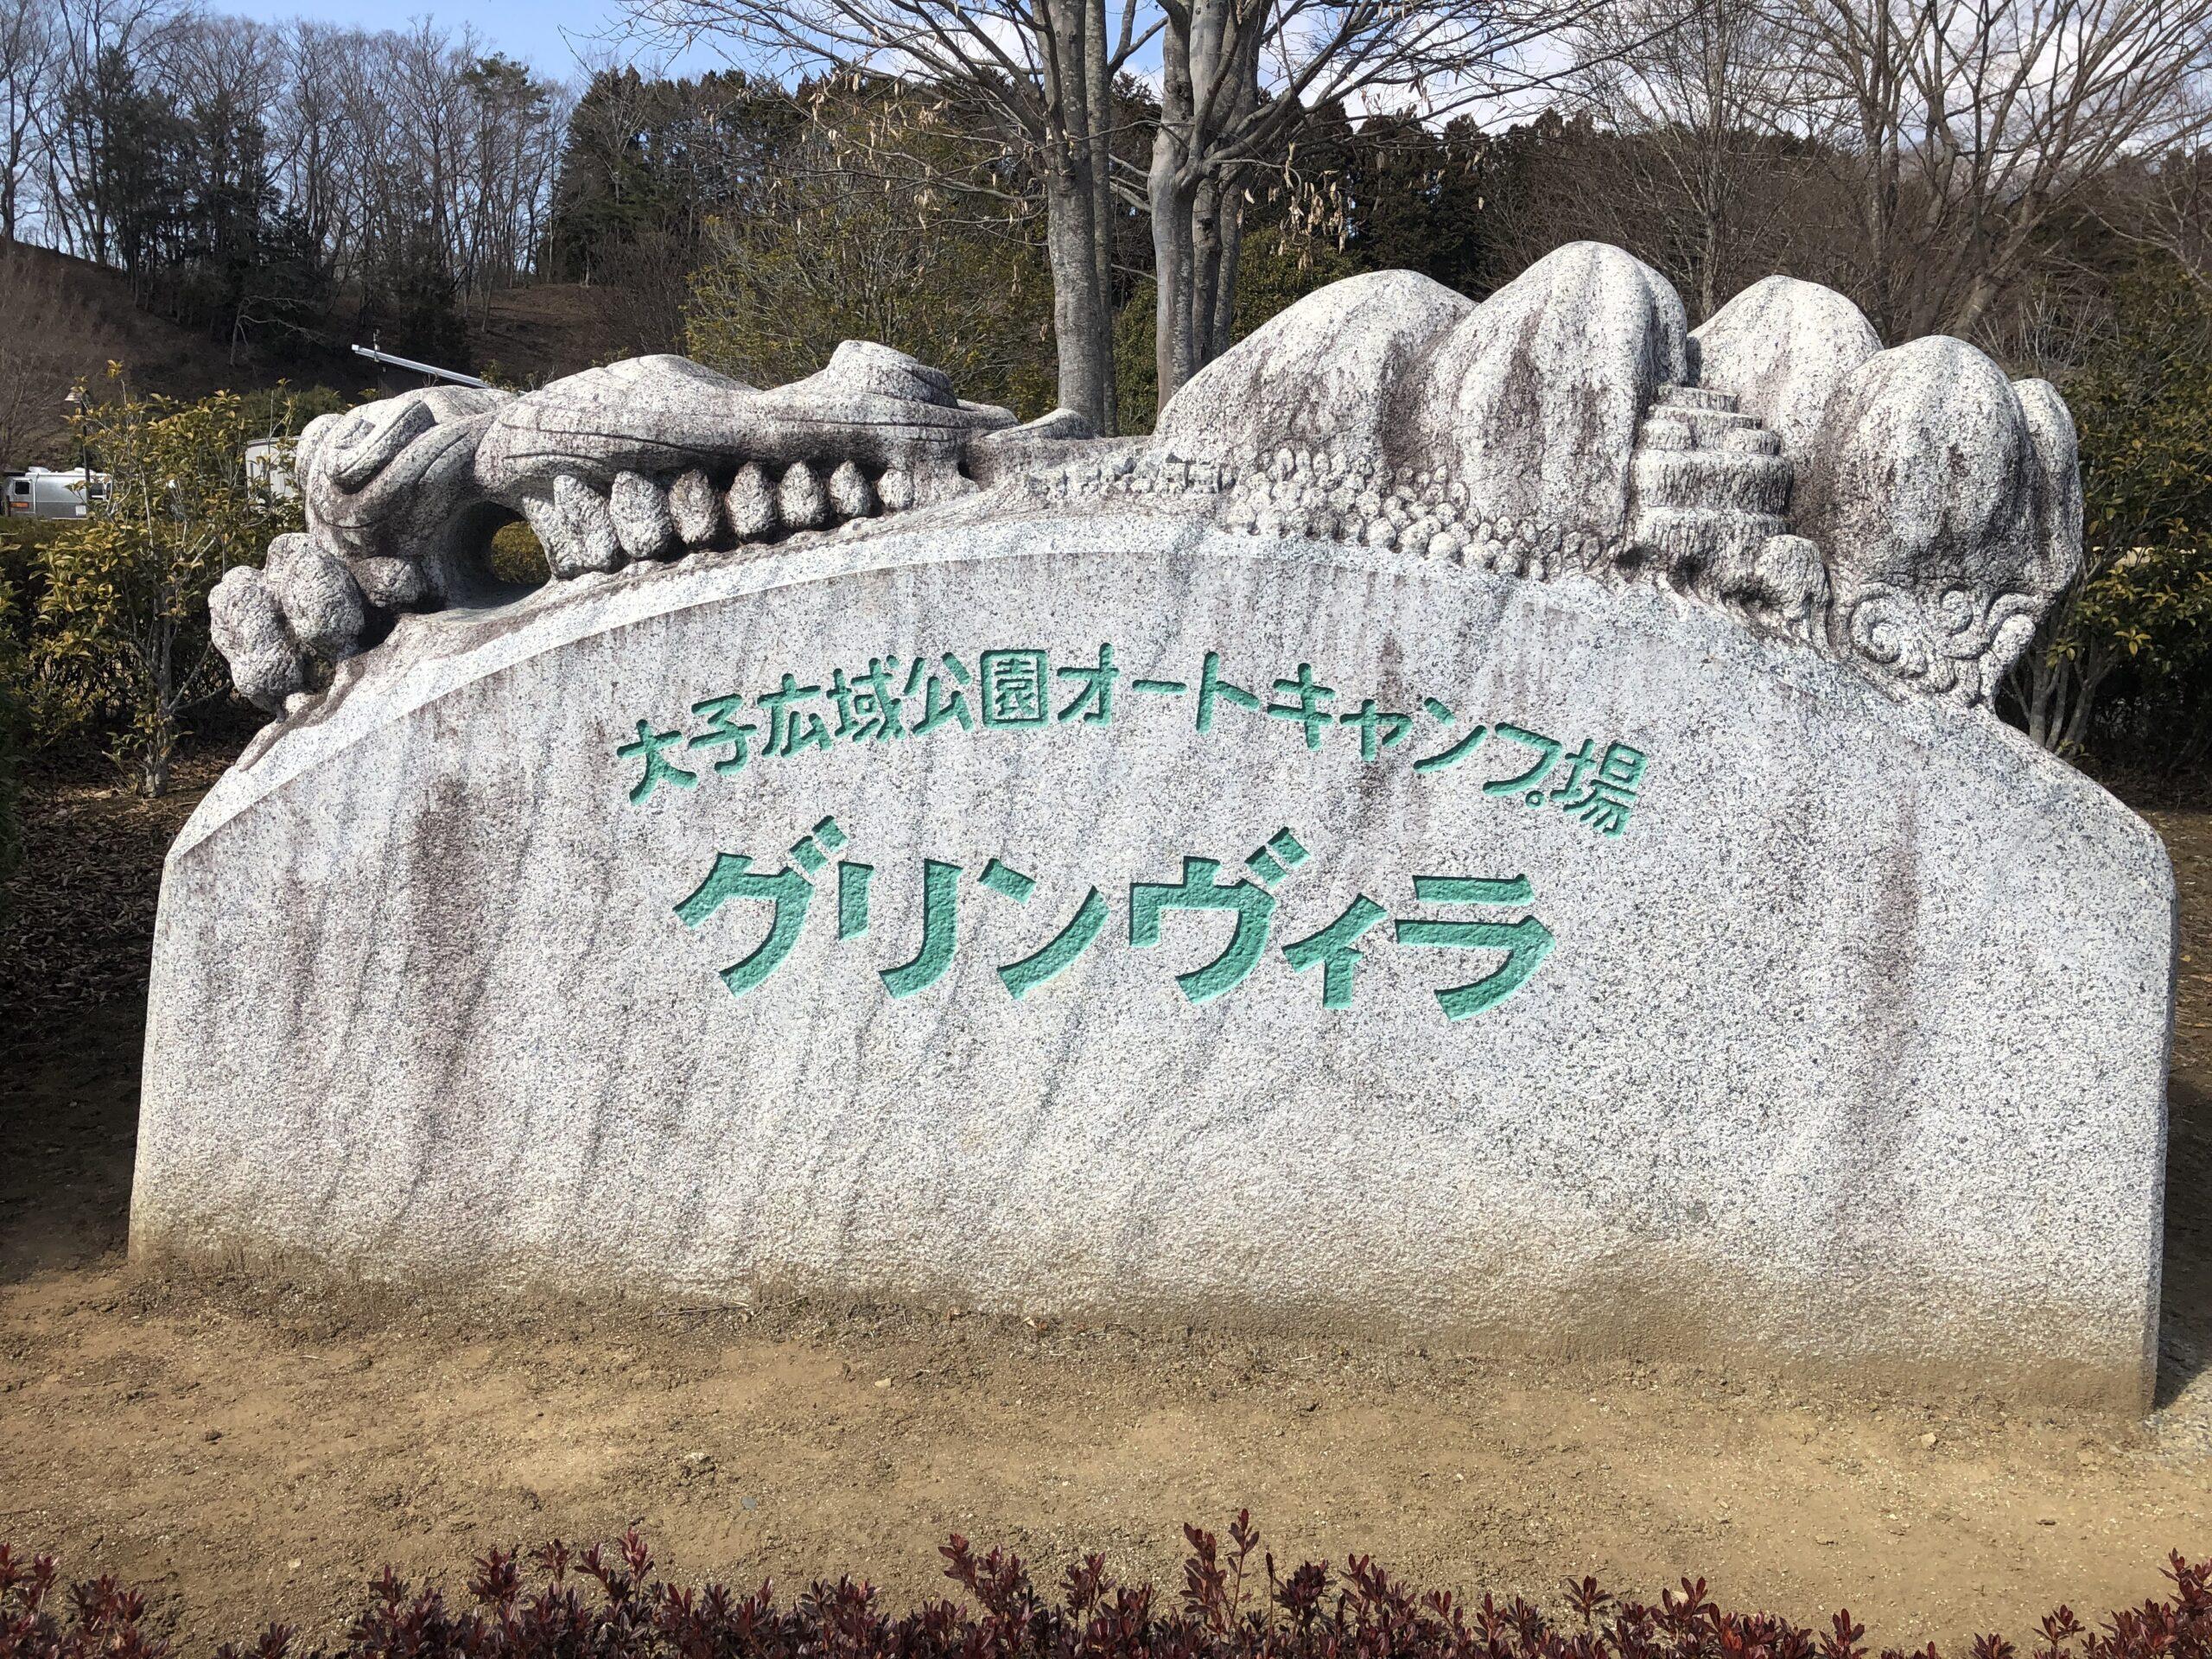 大子広域公園オートキャンプ場『グリンヴィラ』